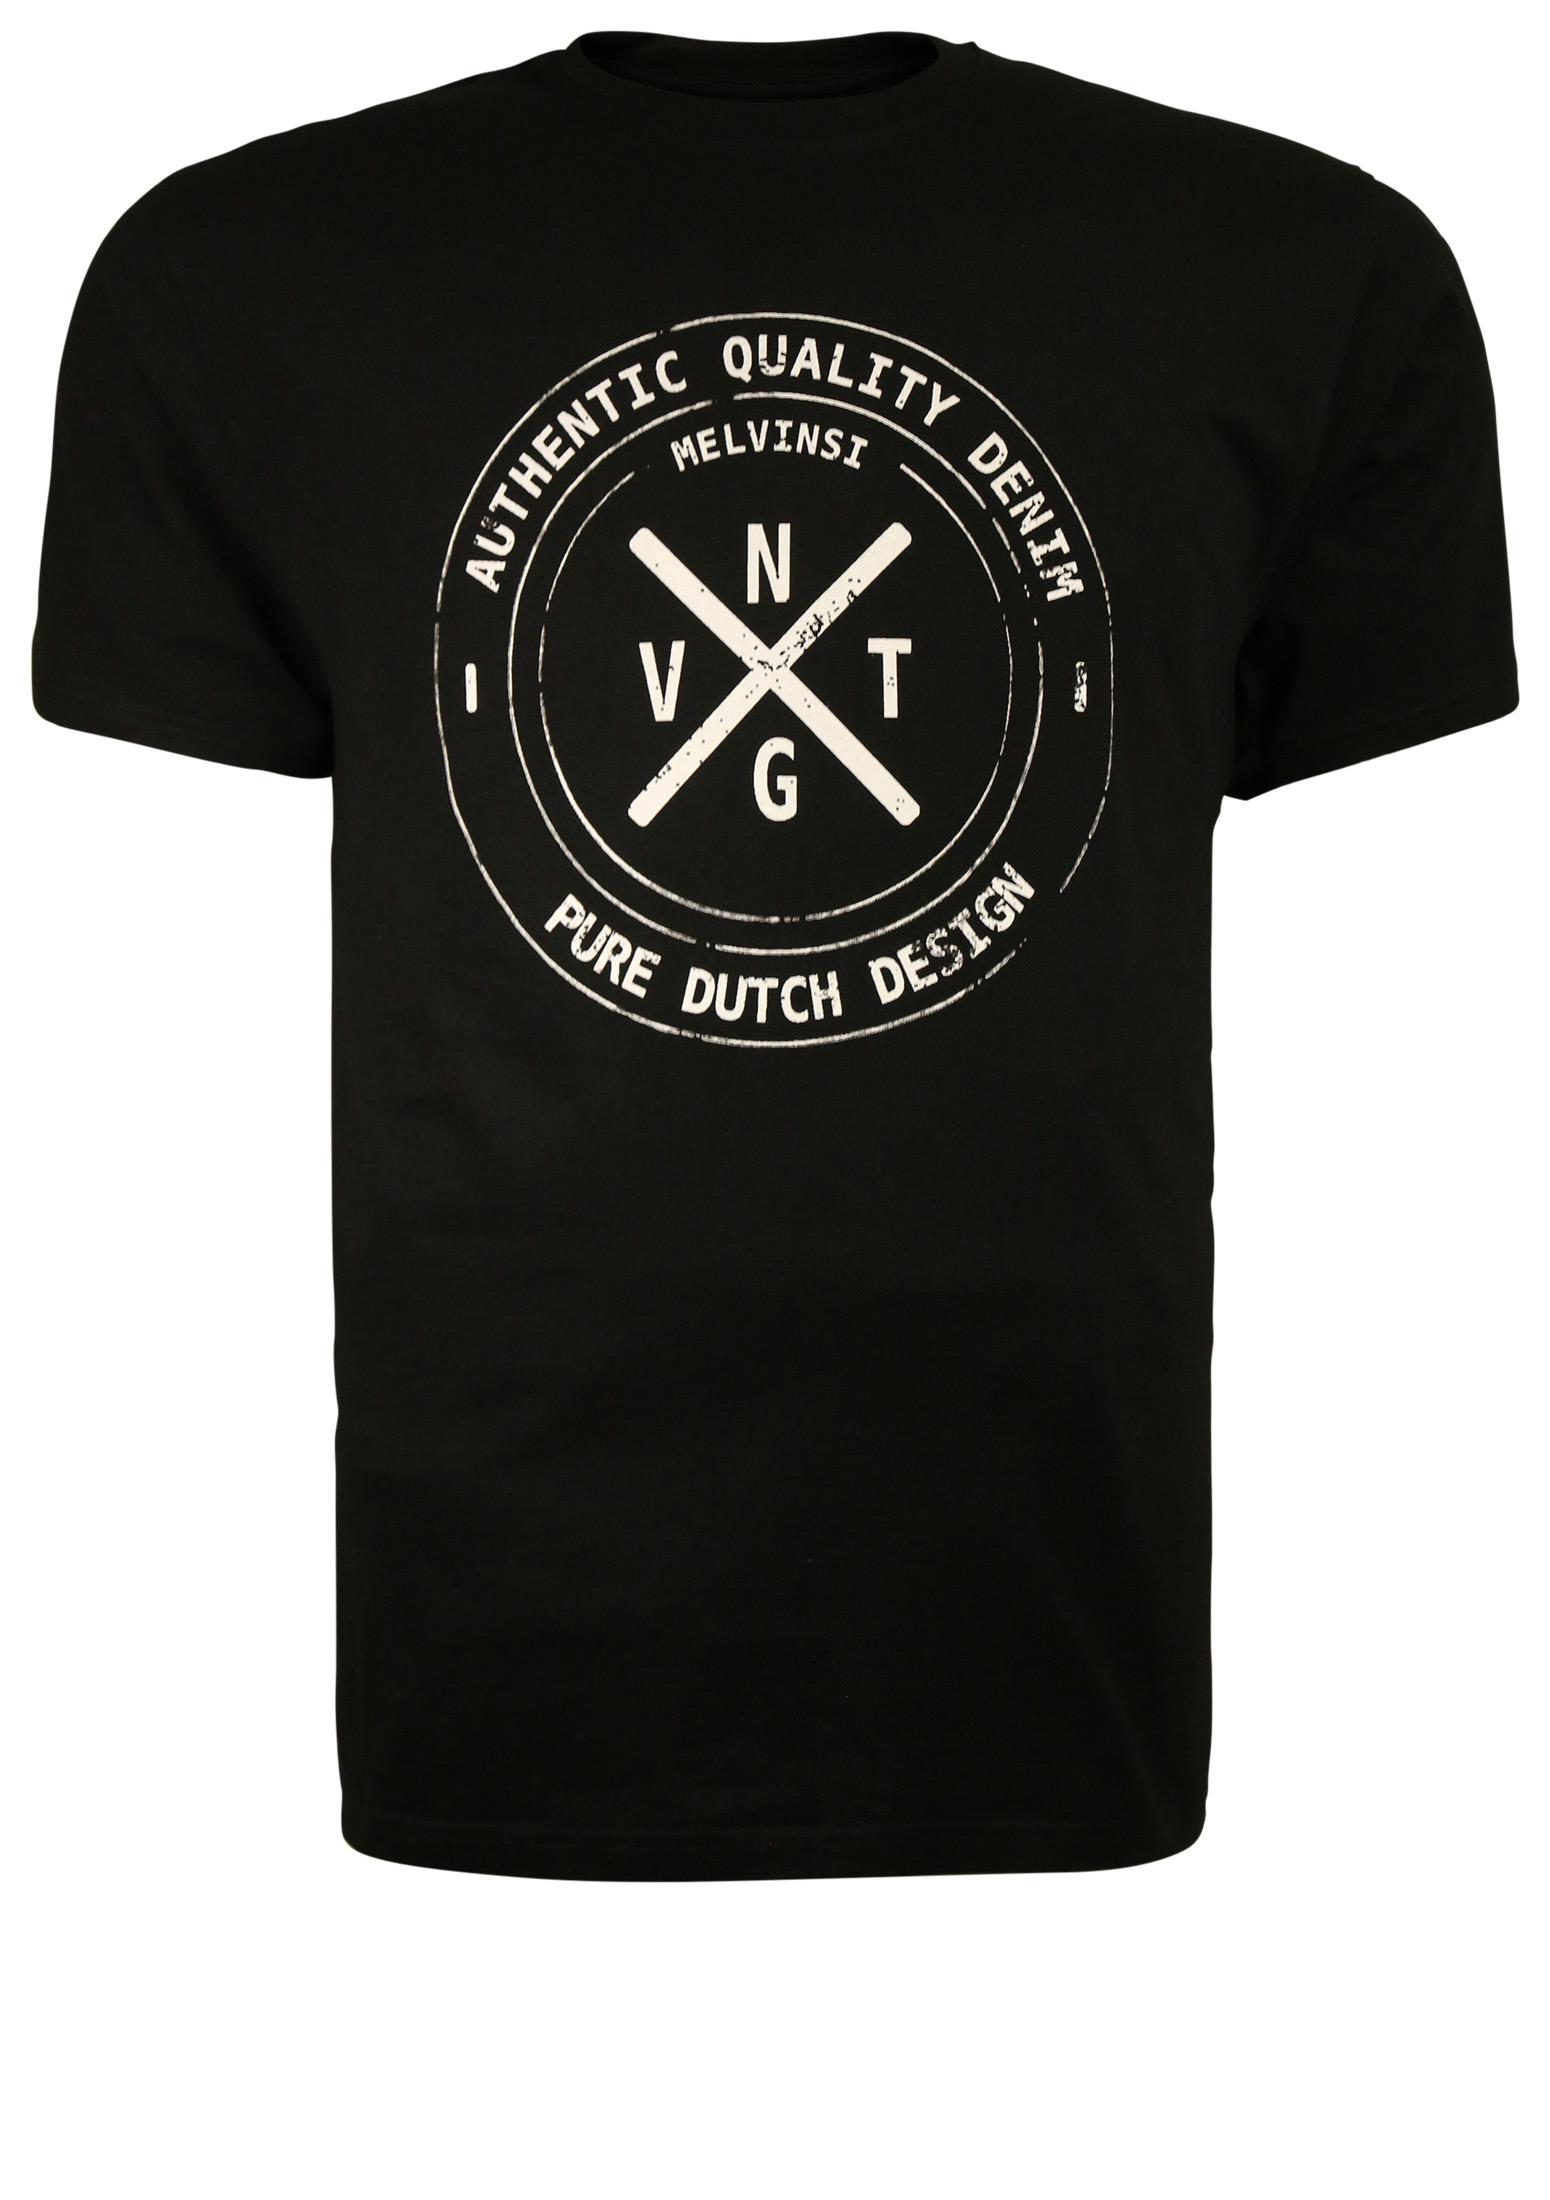 Zwart T-shirt van Melvinsi met mooie print en ronde hals. Gemaakt van zacht katoen voor optimaal draagcomfort.